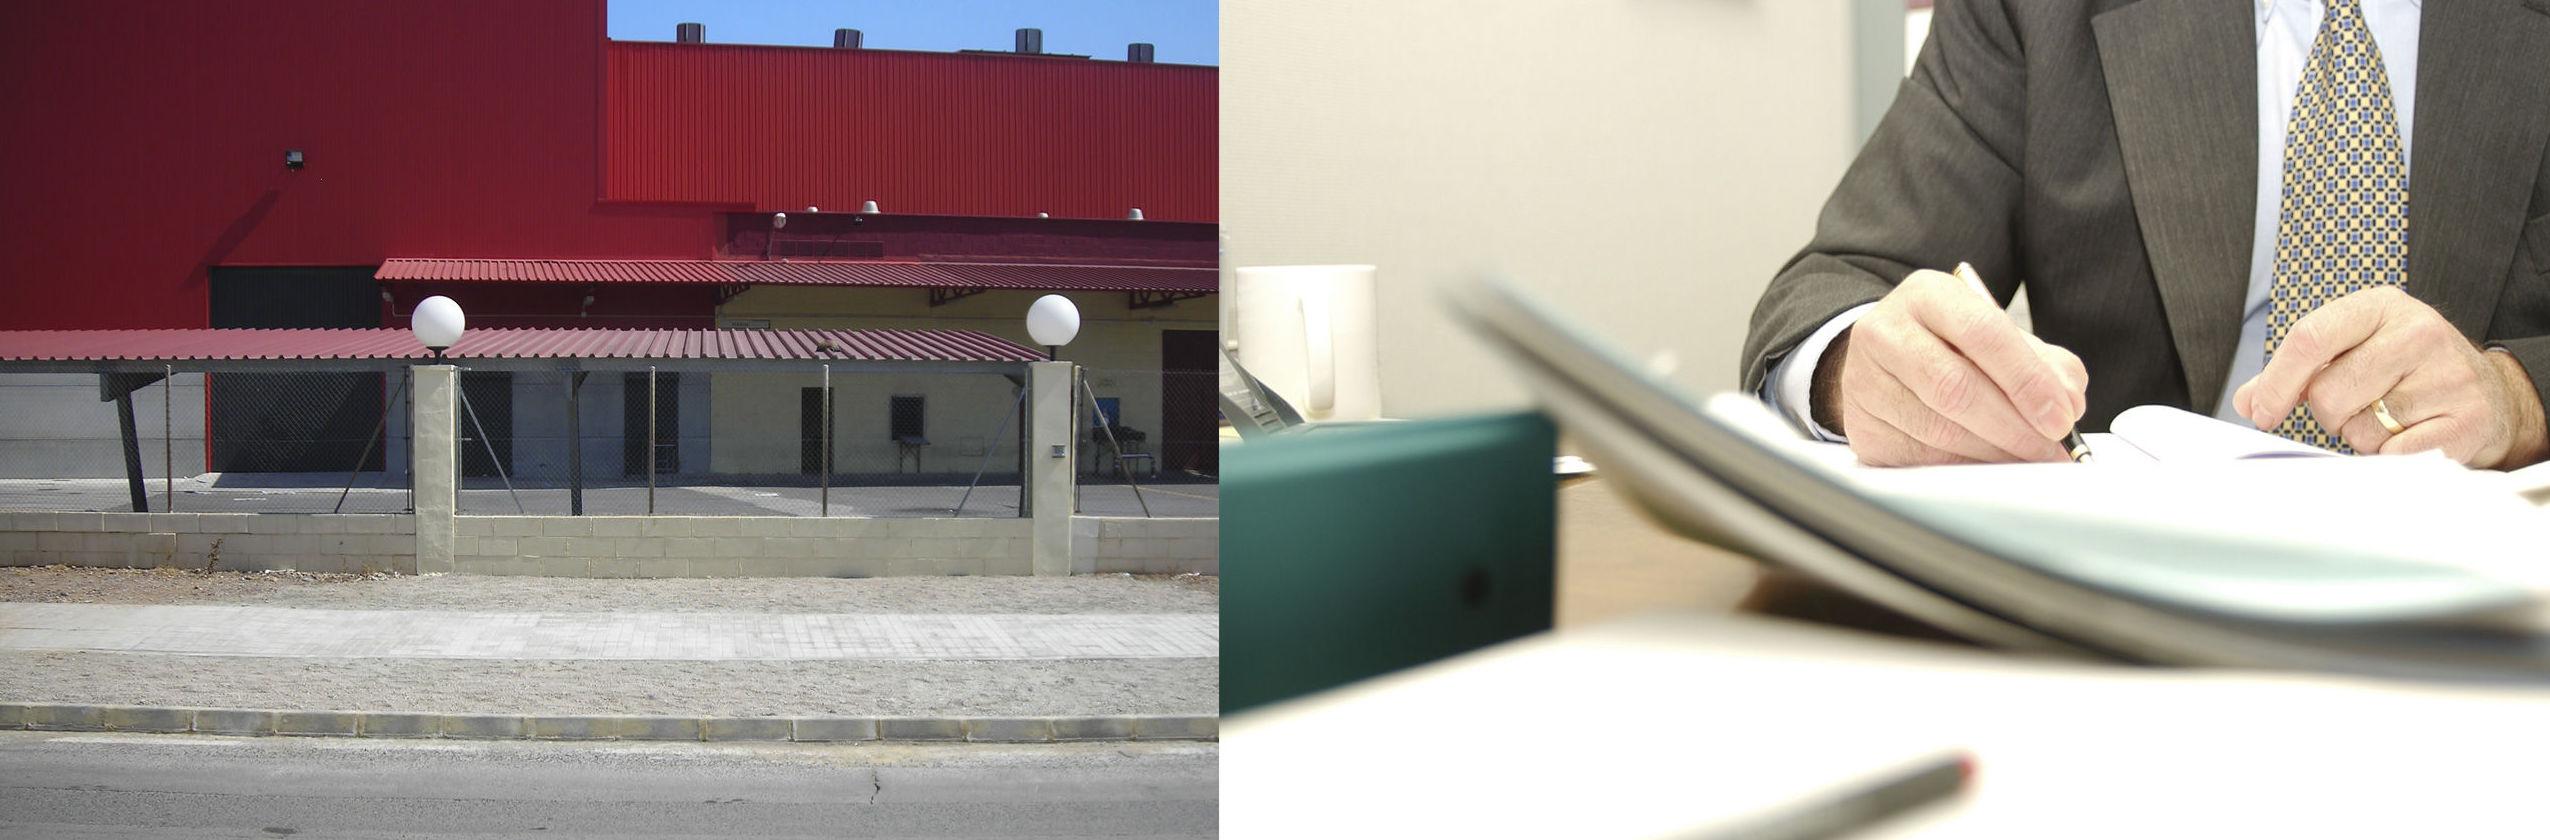 Mantenimiento y conservación de obras urbanísticas